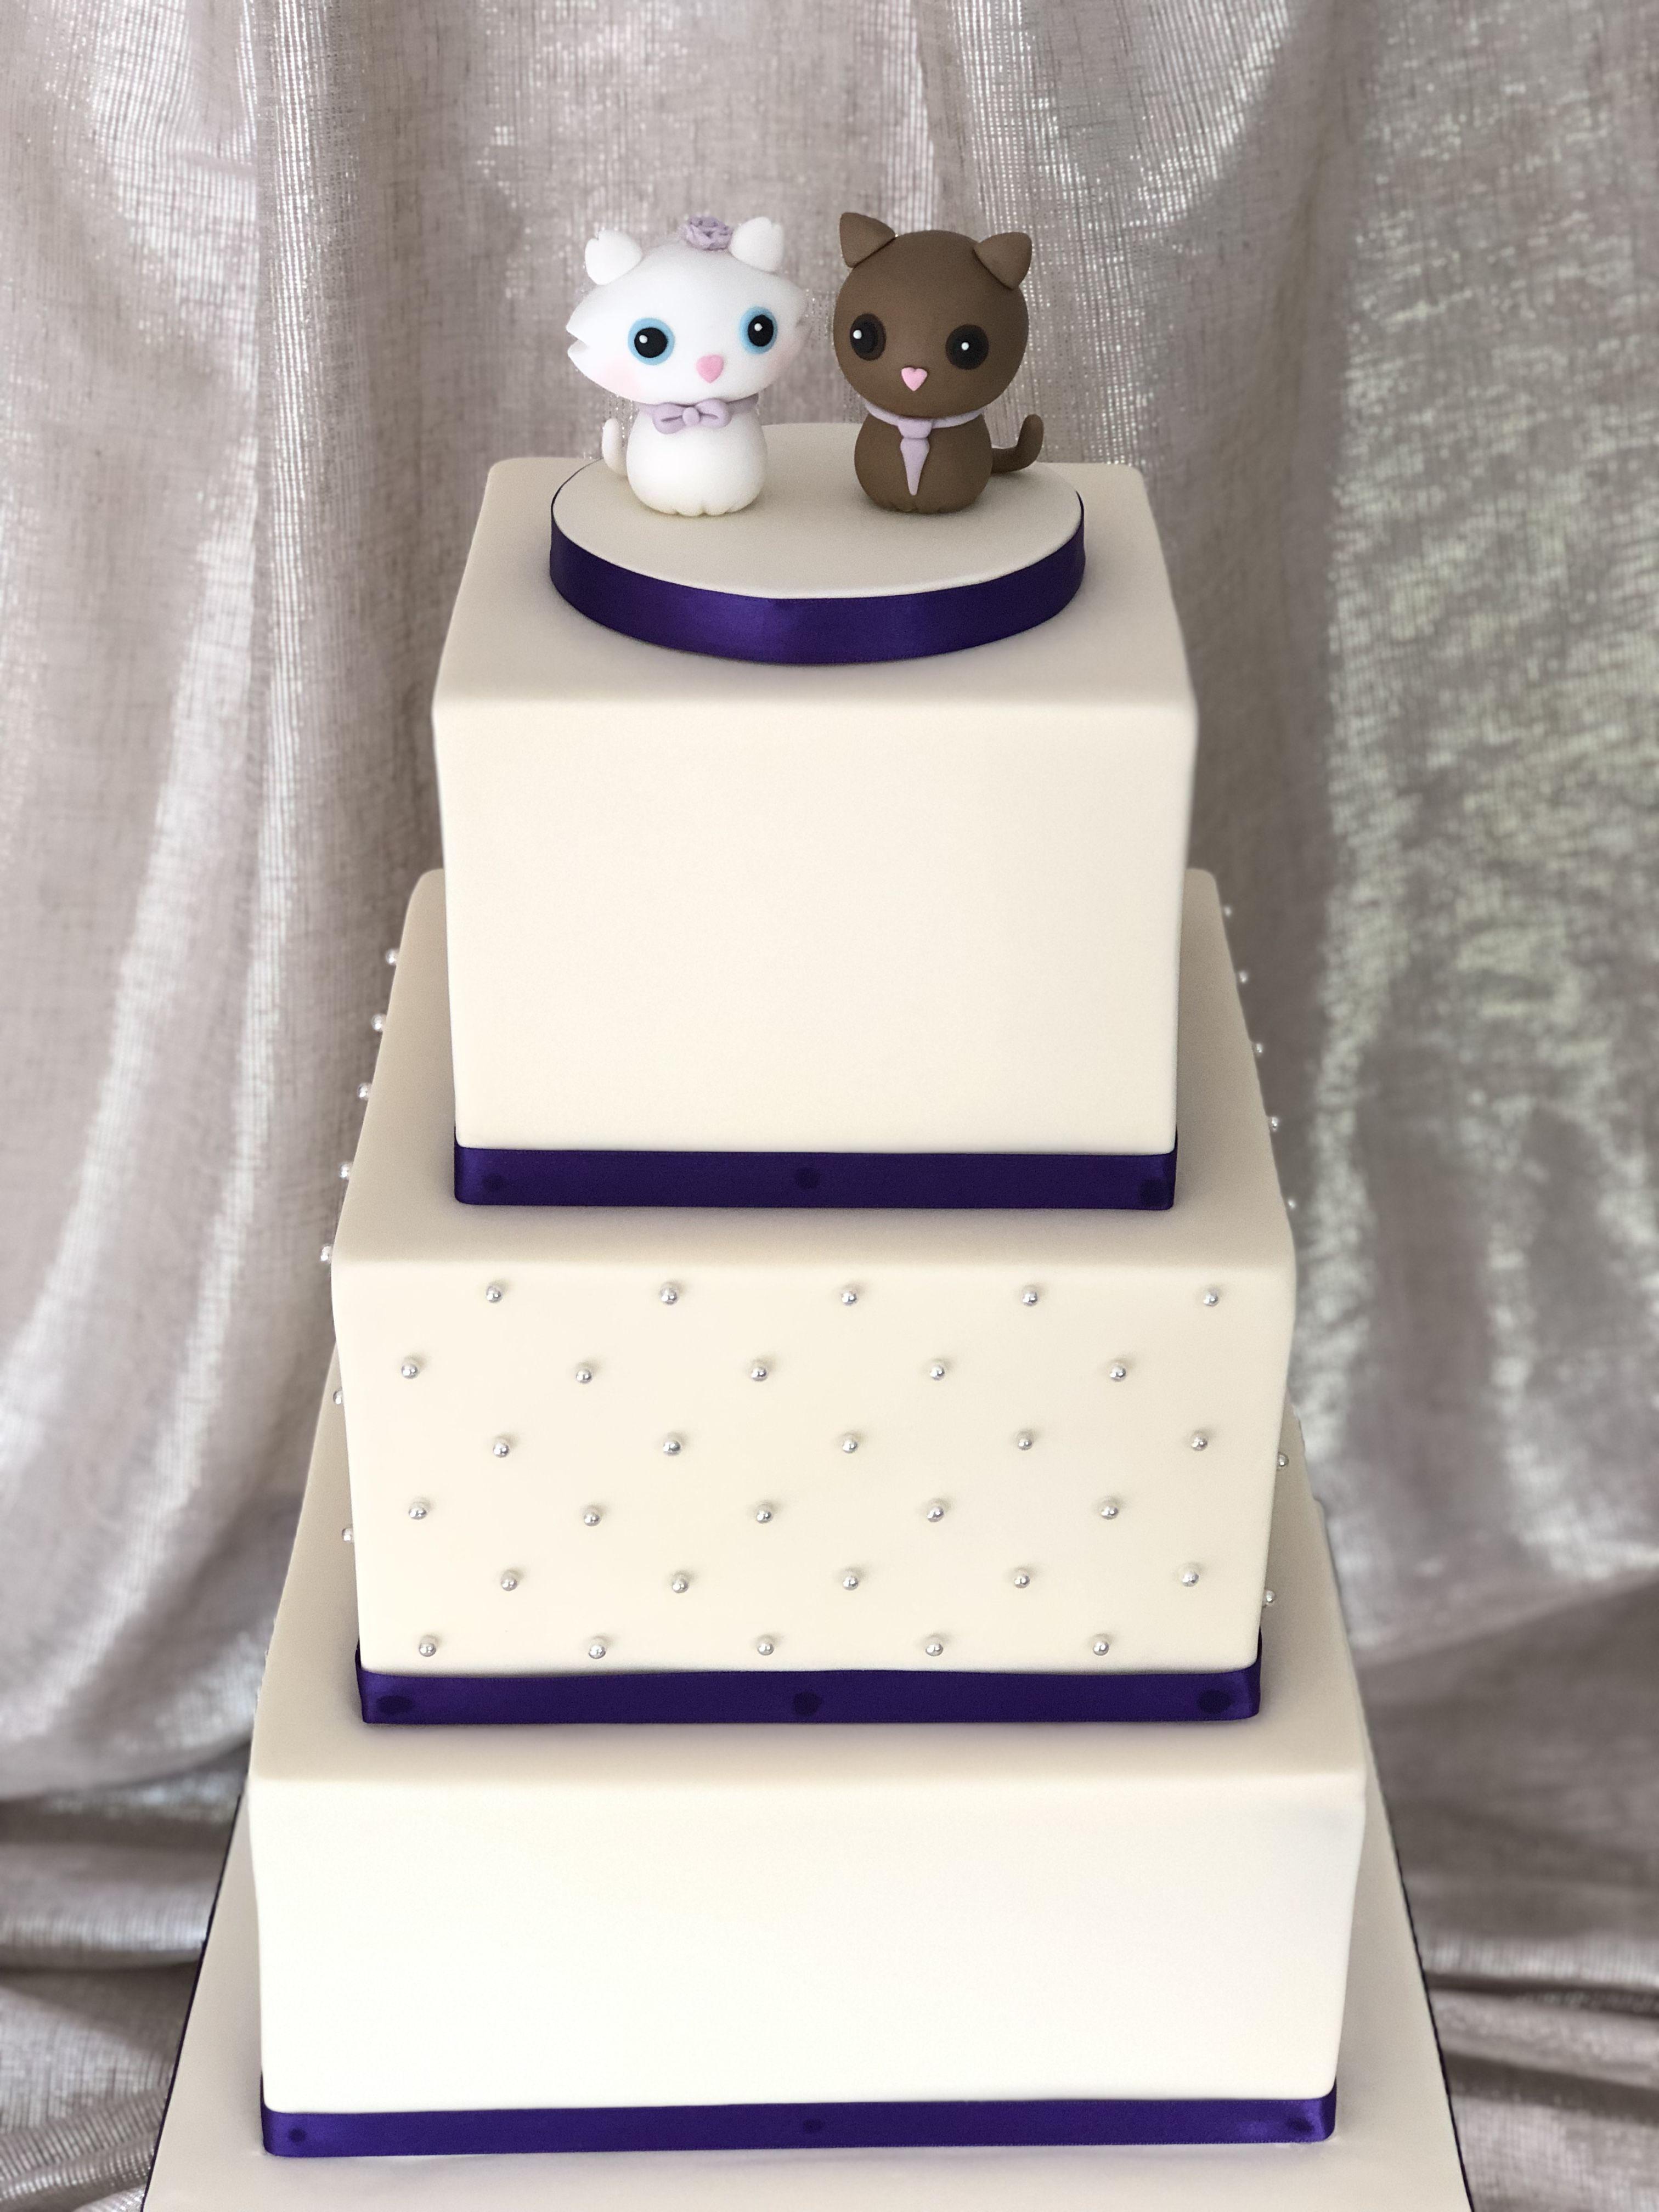 Lianne 3 tier square wedding cake in 2020 Square